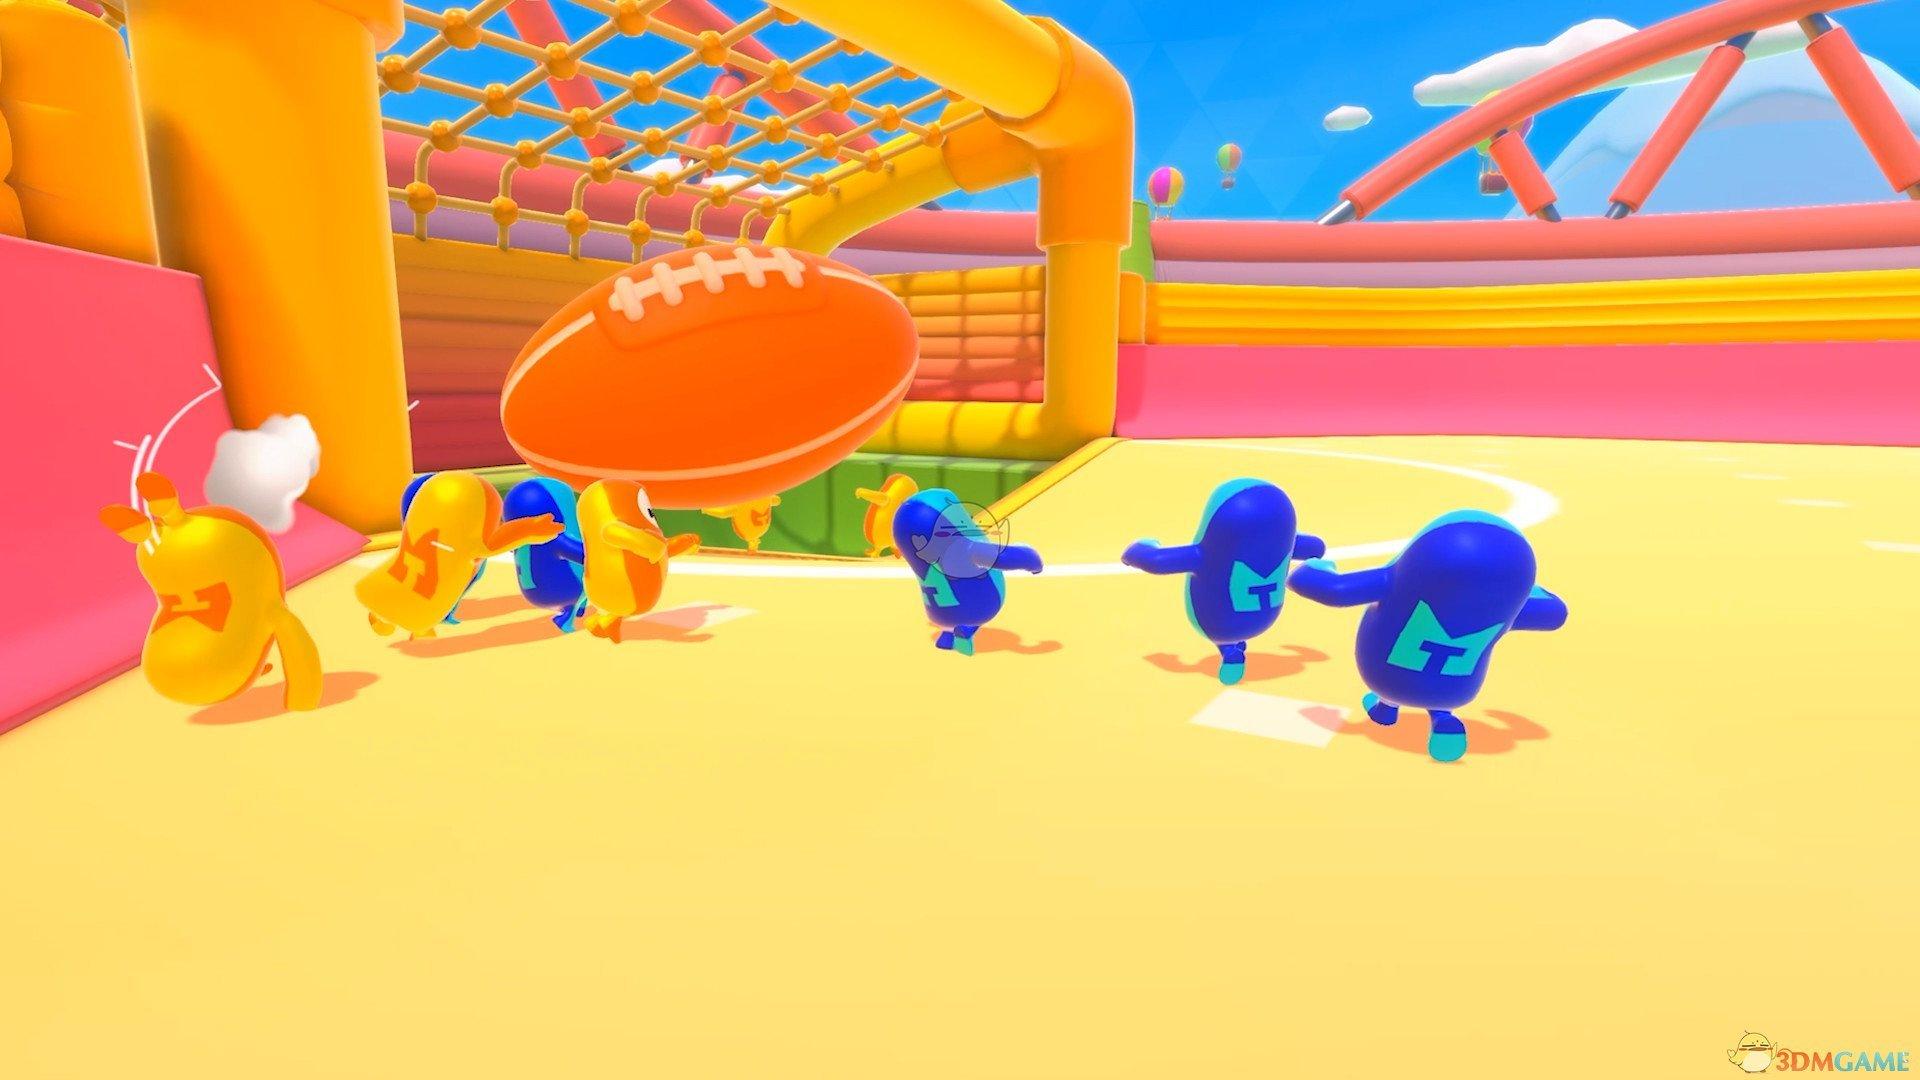 《糖豆人:终极淘汰赛》游戏价格介绍